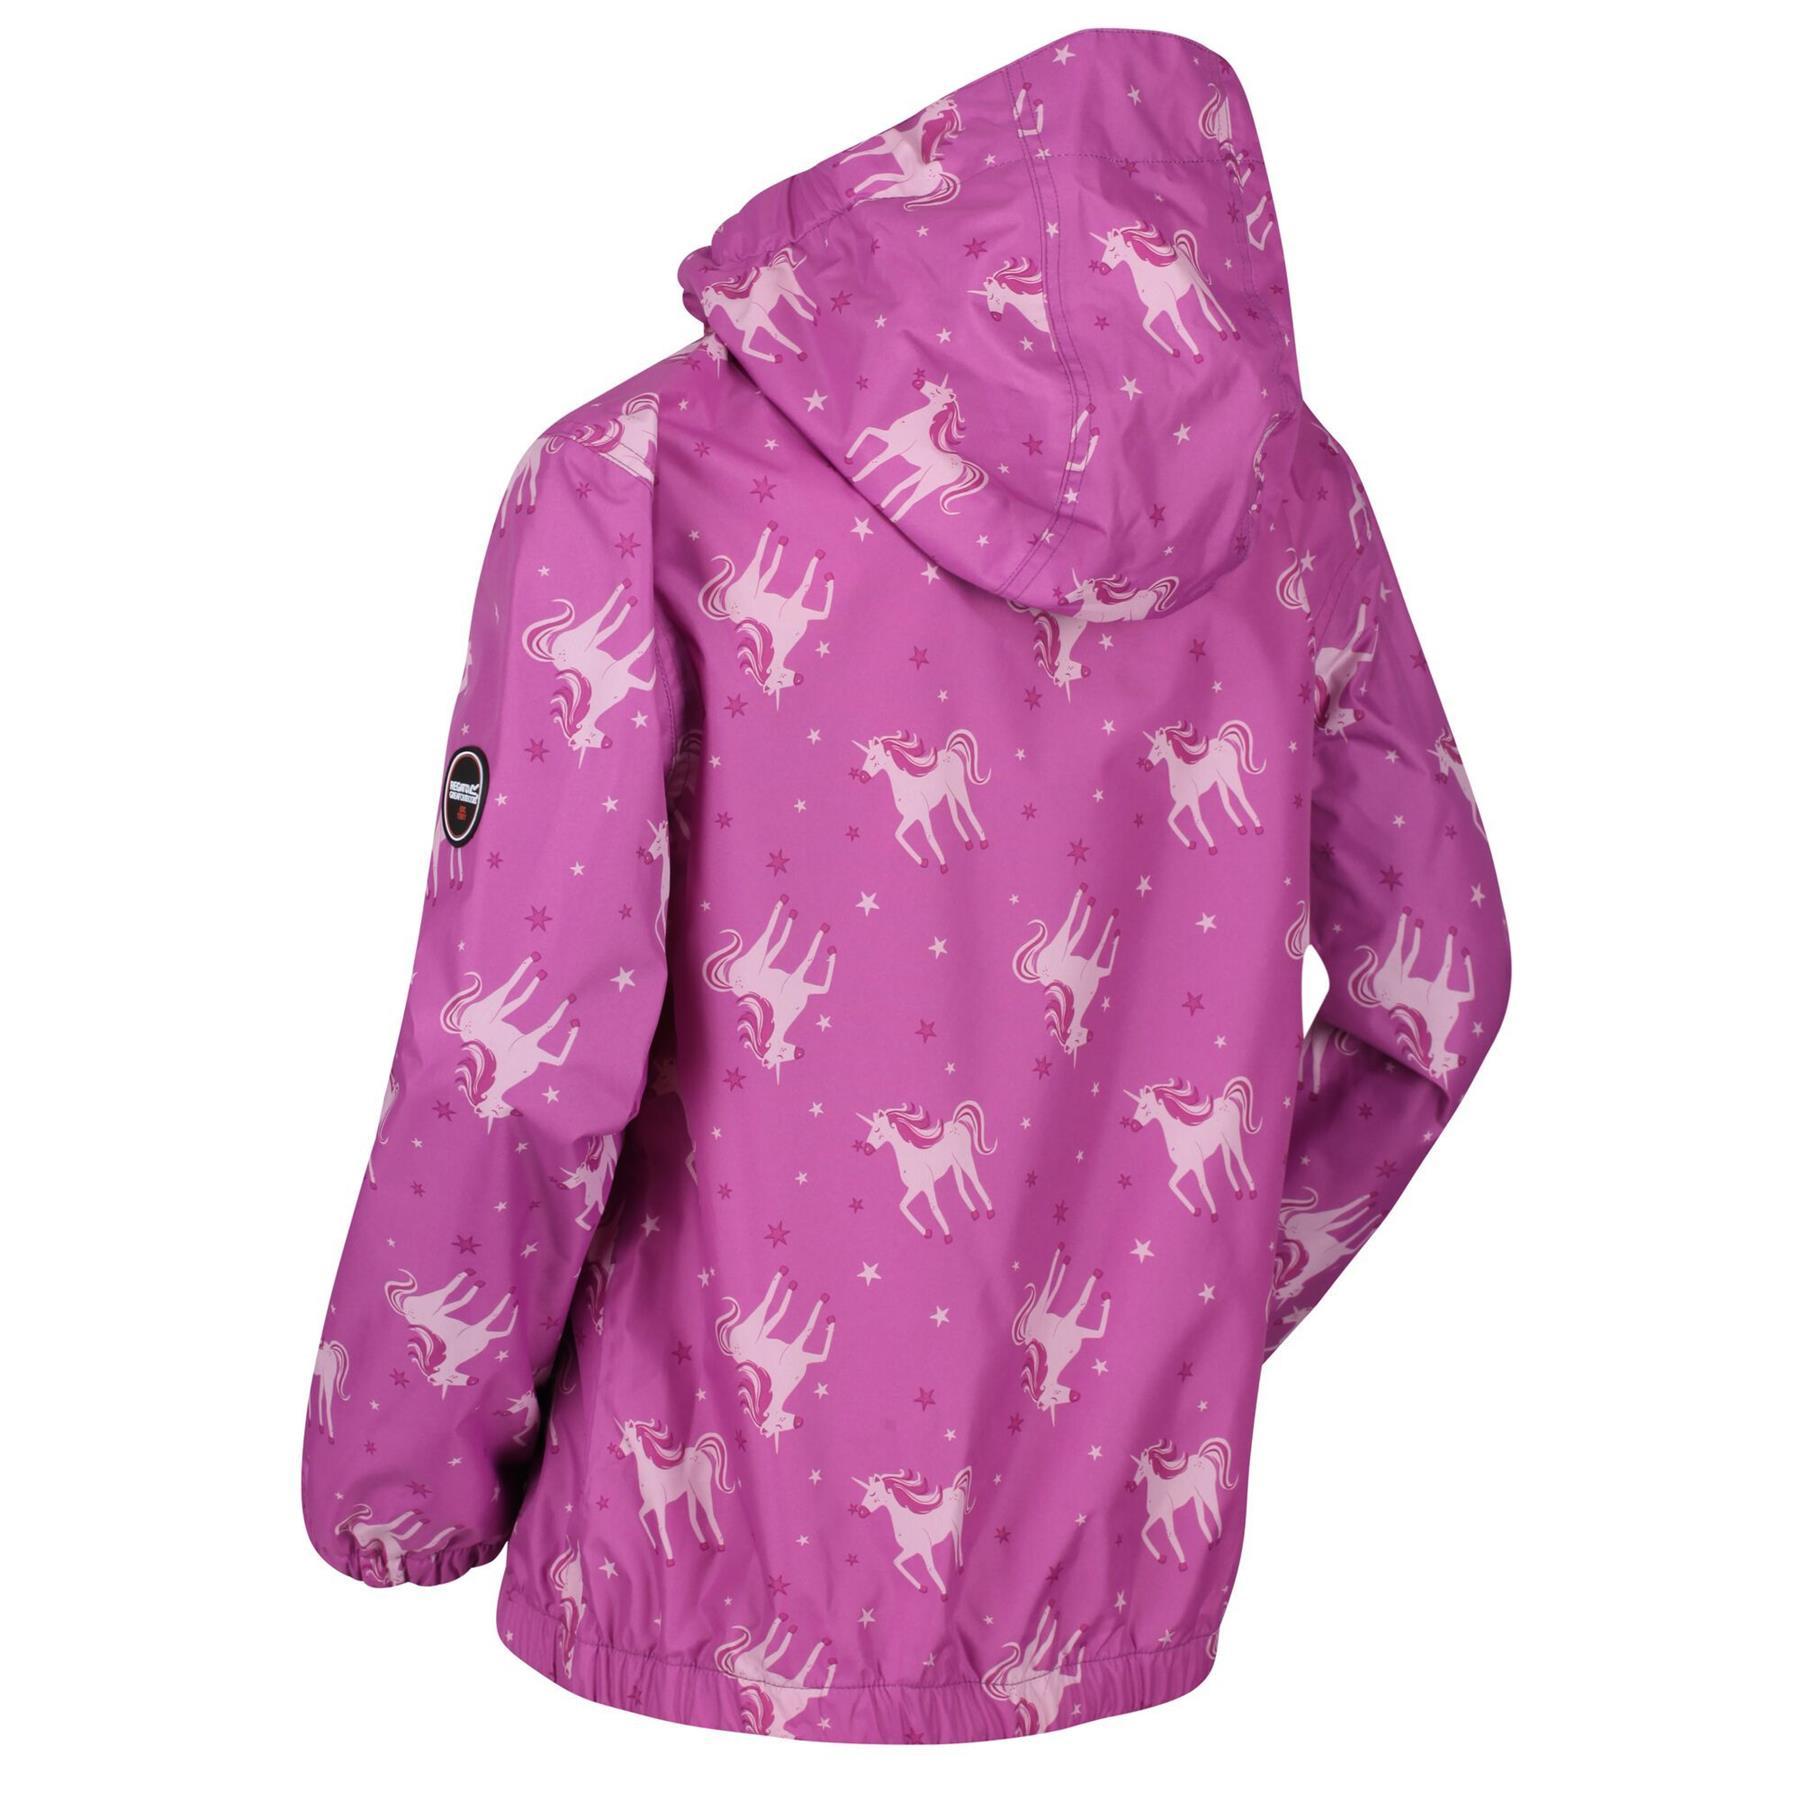 miniatuur 9 - Regatta Kids Ellison Printed Childrens Waterproof Jacket Hooded Coat